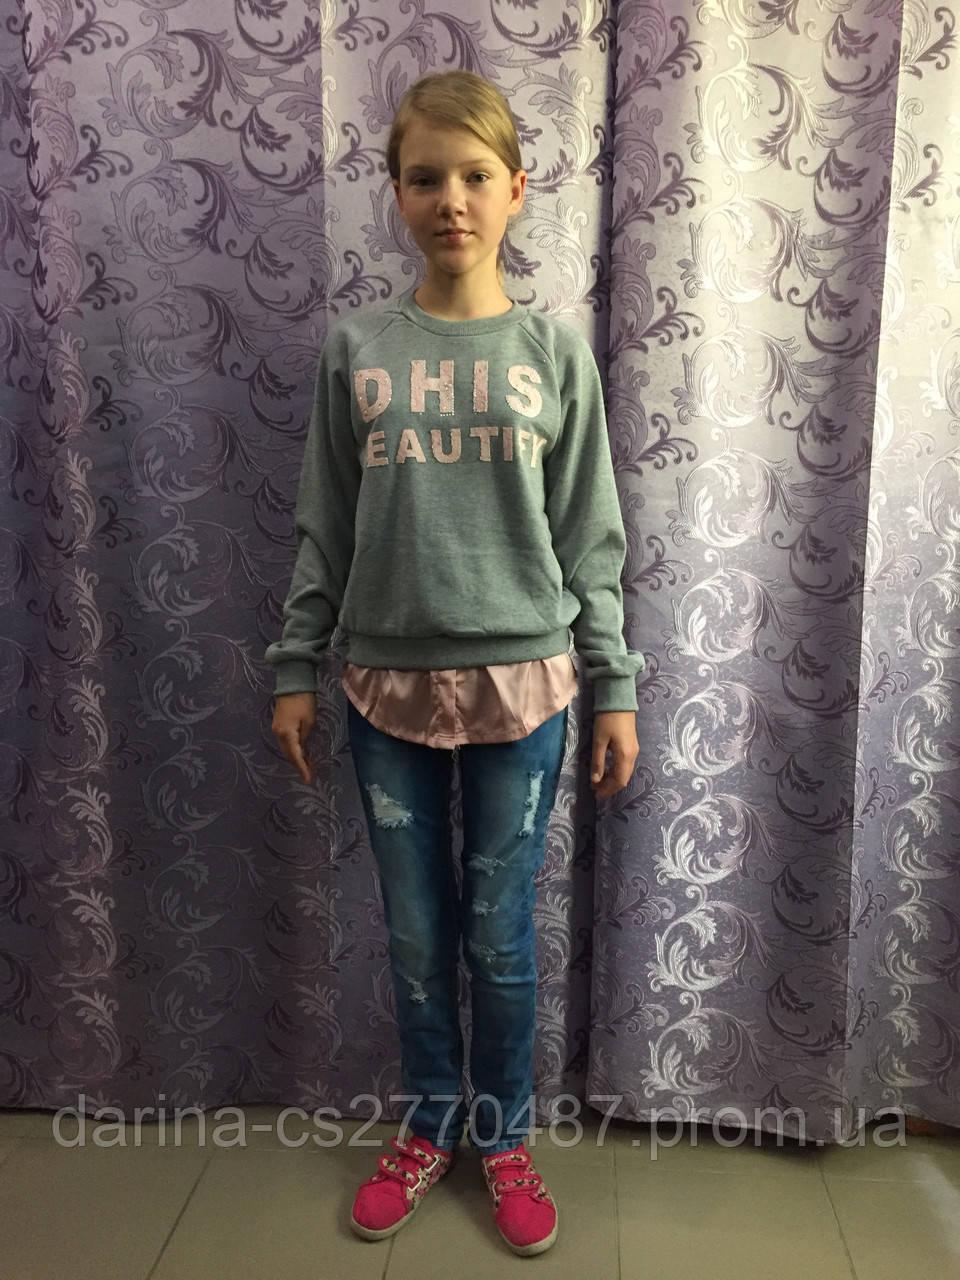 Подростковая кофта для девочки 158/164 см